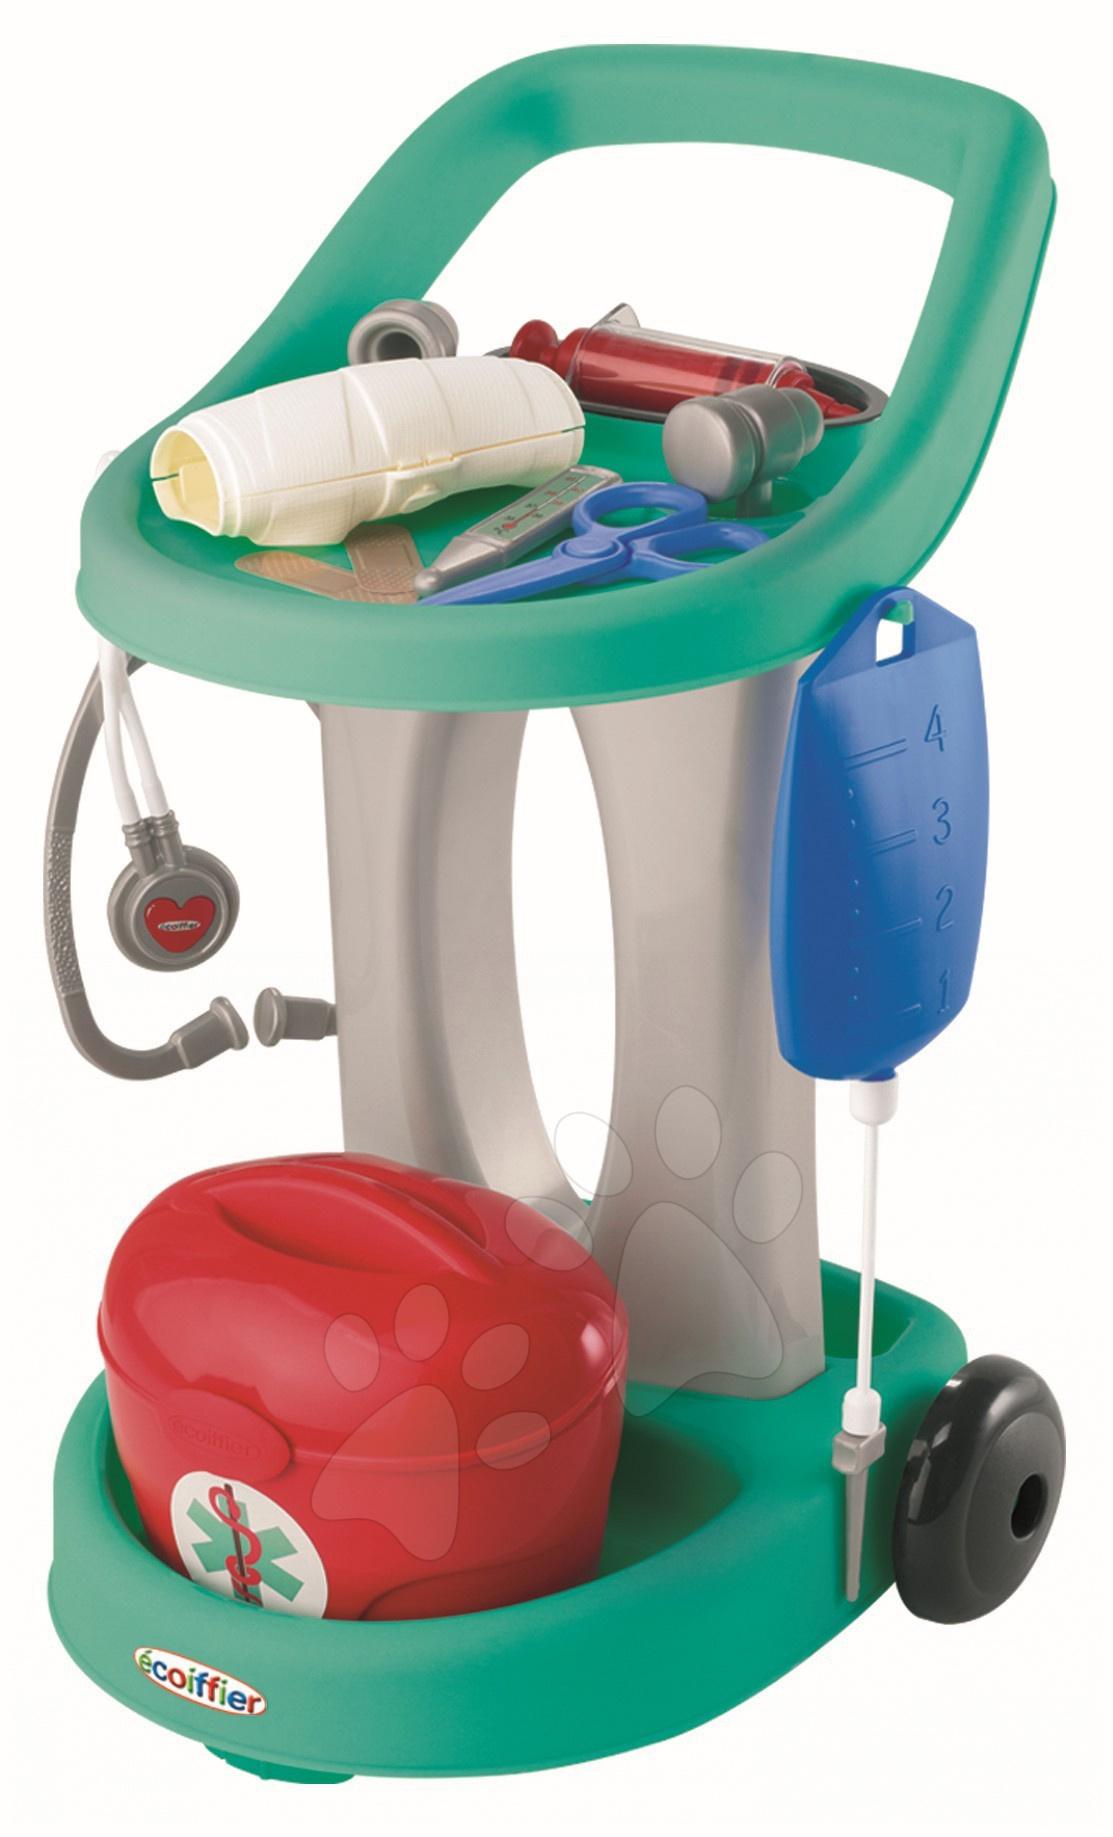 Lékařský vozík s kufříkem, infuzí, sádrou Écoiffier a 13 doplňky